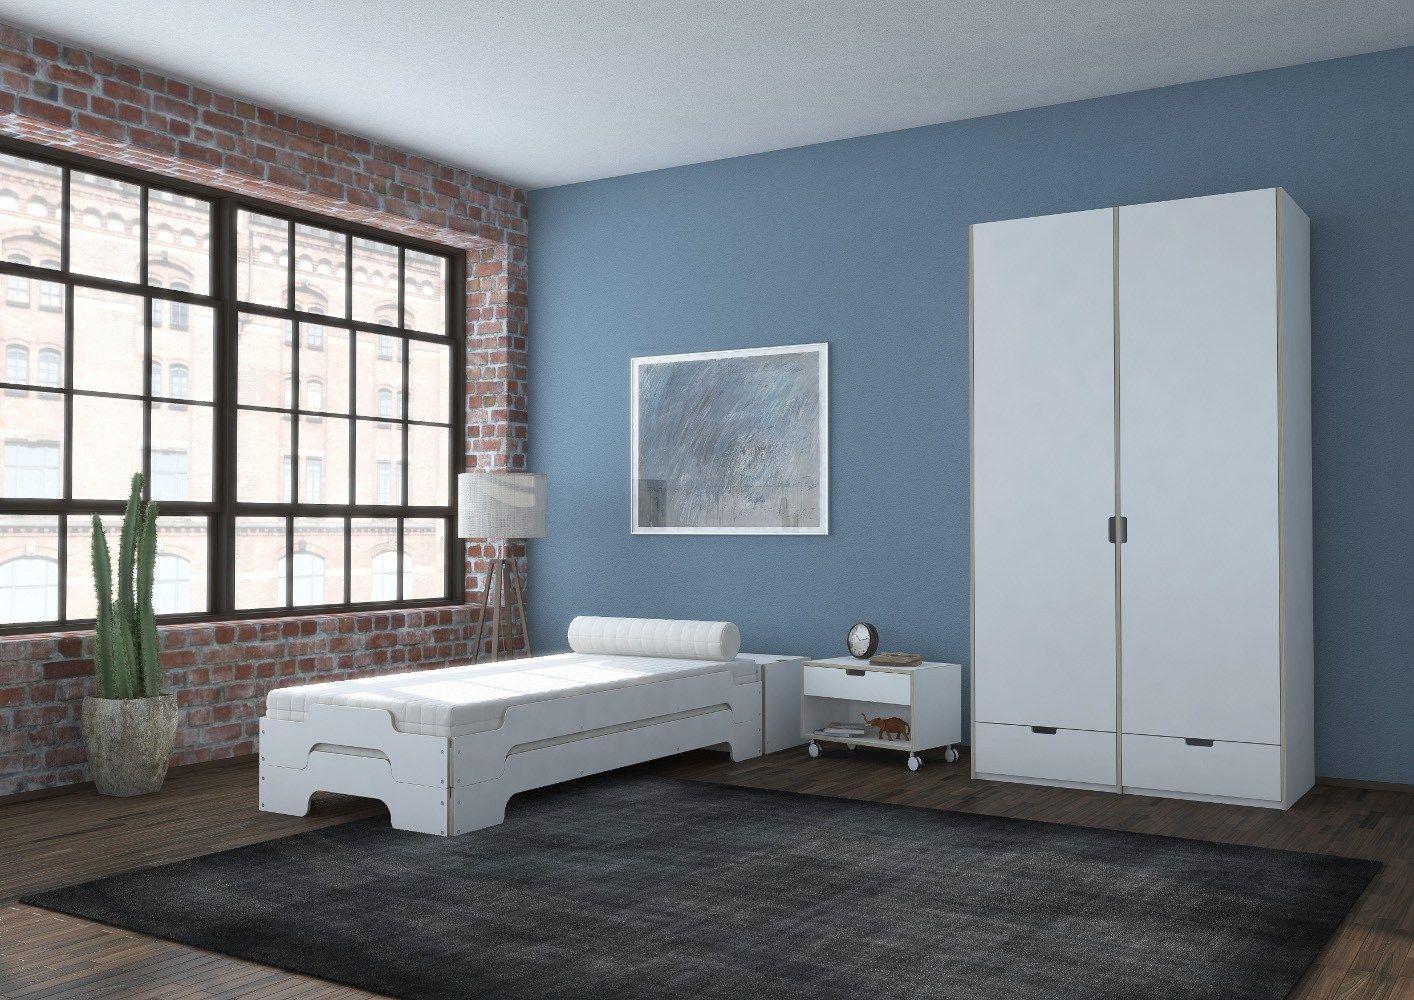 lit simple empilable lit empilable by m ller m belwerkst tten design rolf heide. Black Bedroom Furniture Sets. Home Design Ideas